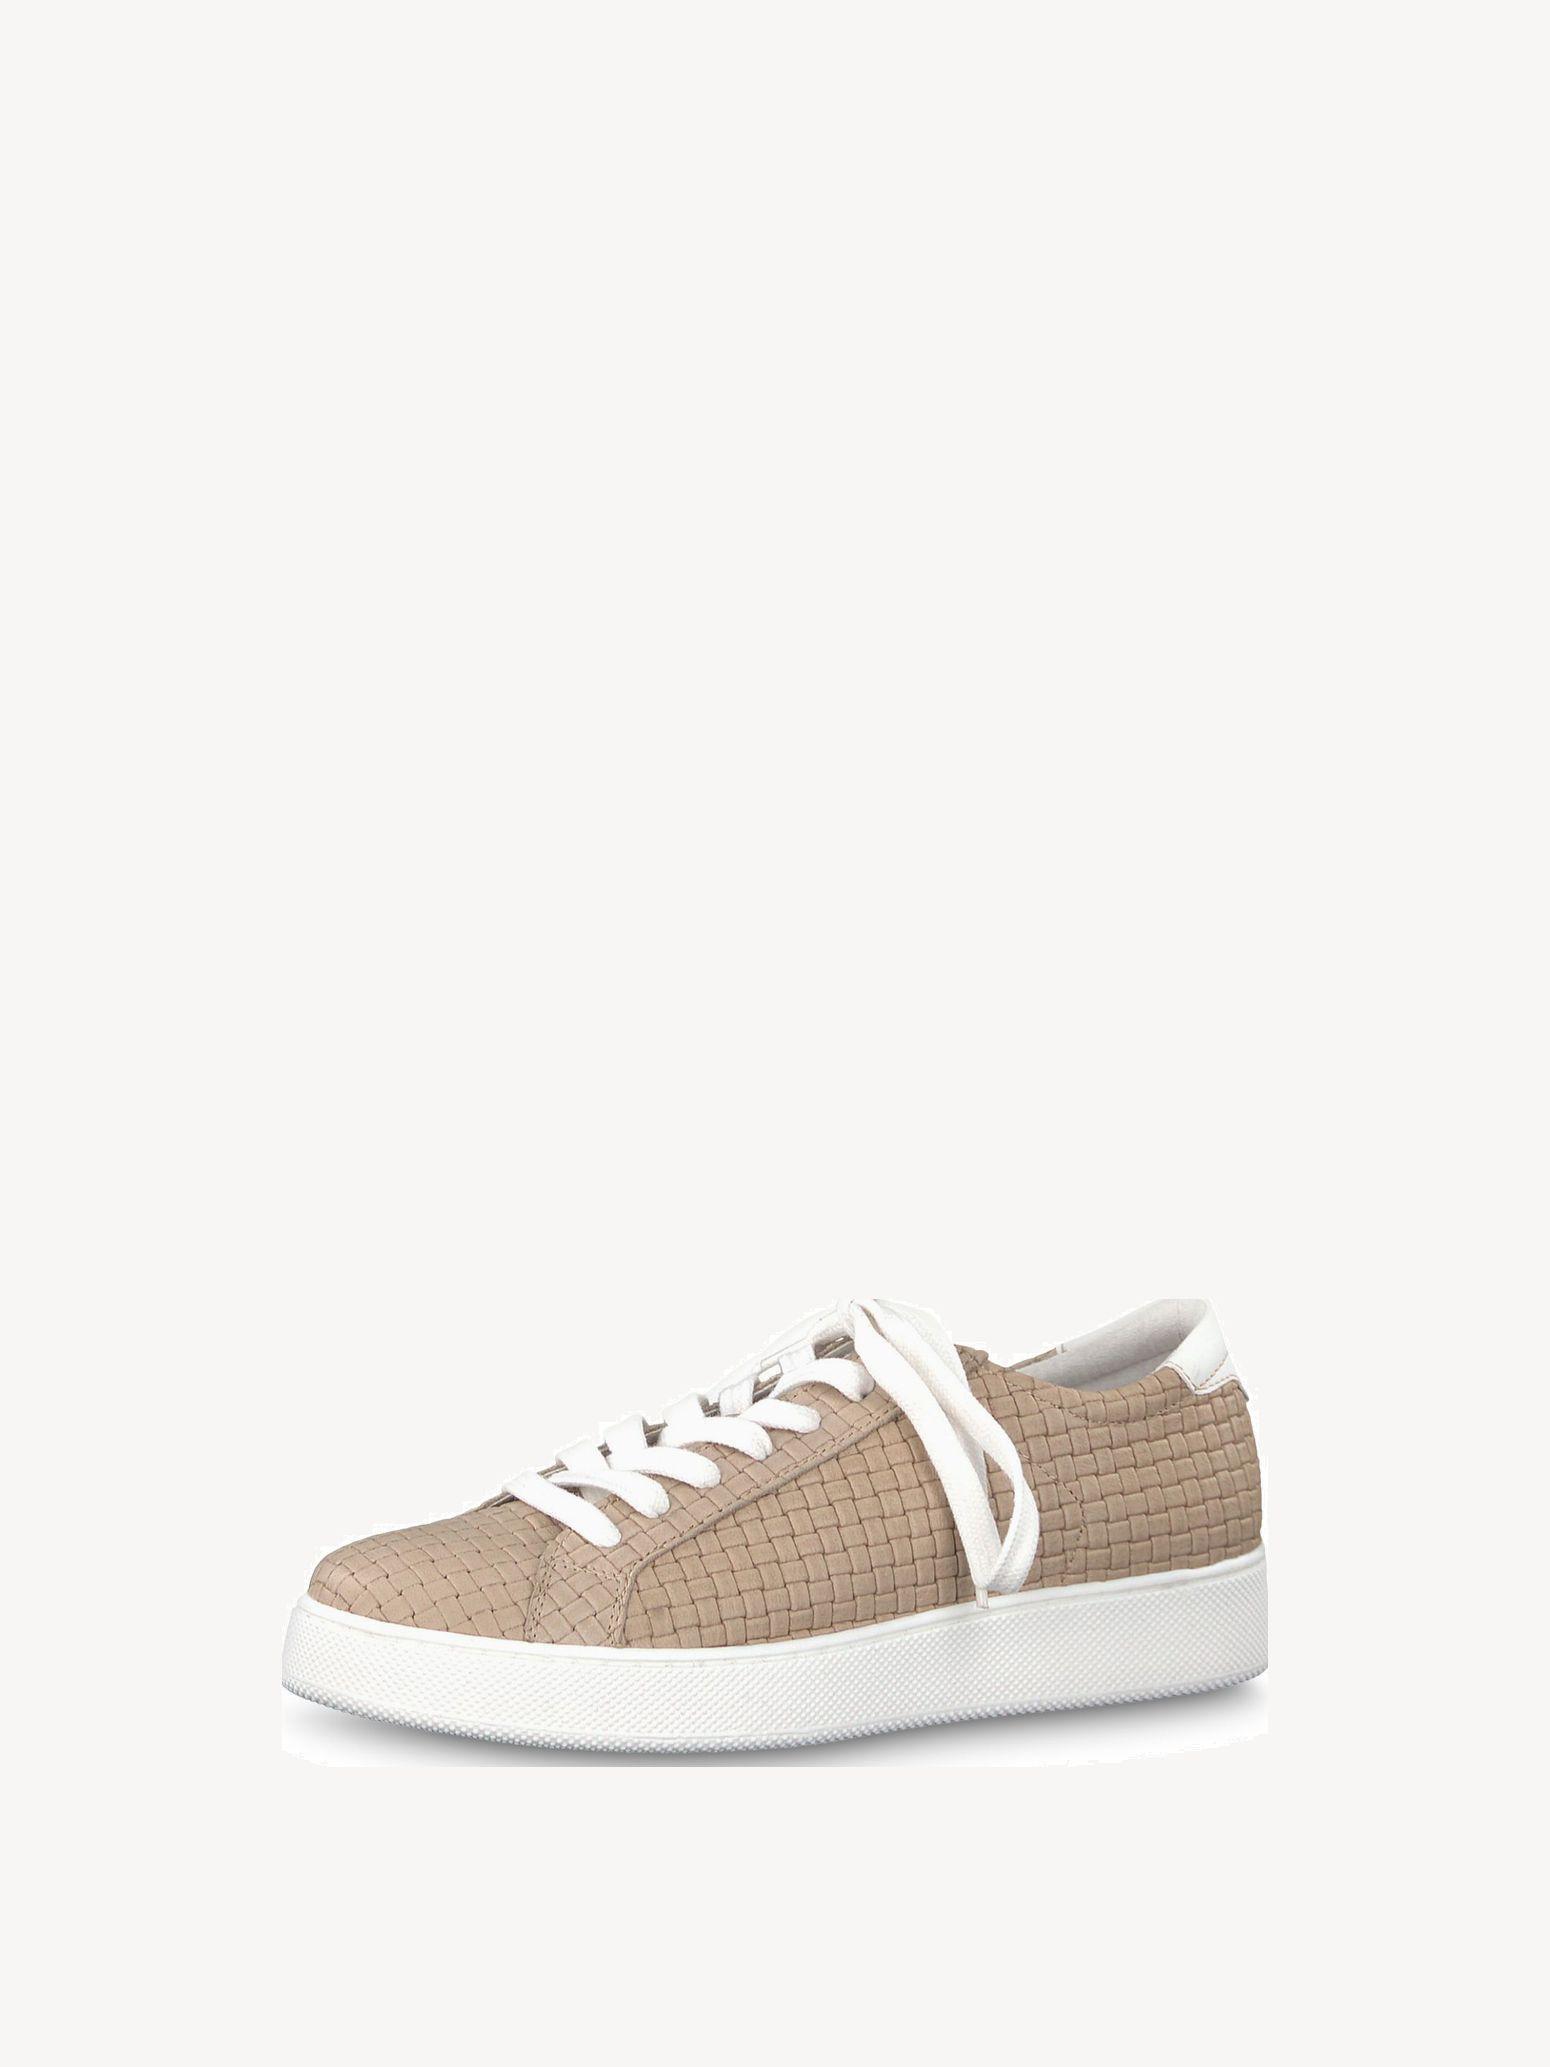 Tamaris Sneaker 23750 197 weiß silber rose Halbschuh Schnür